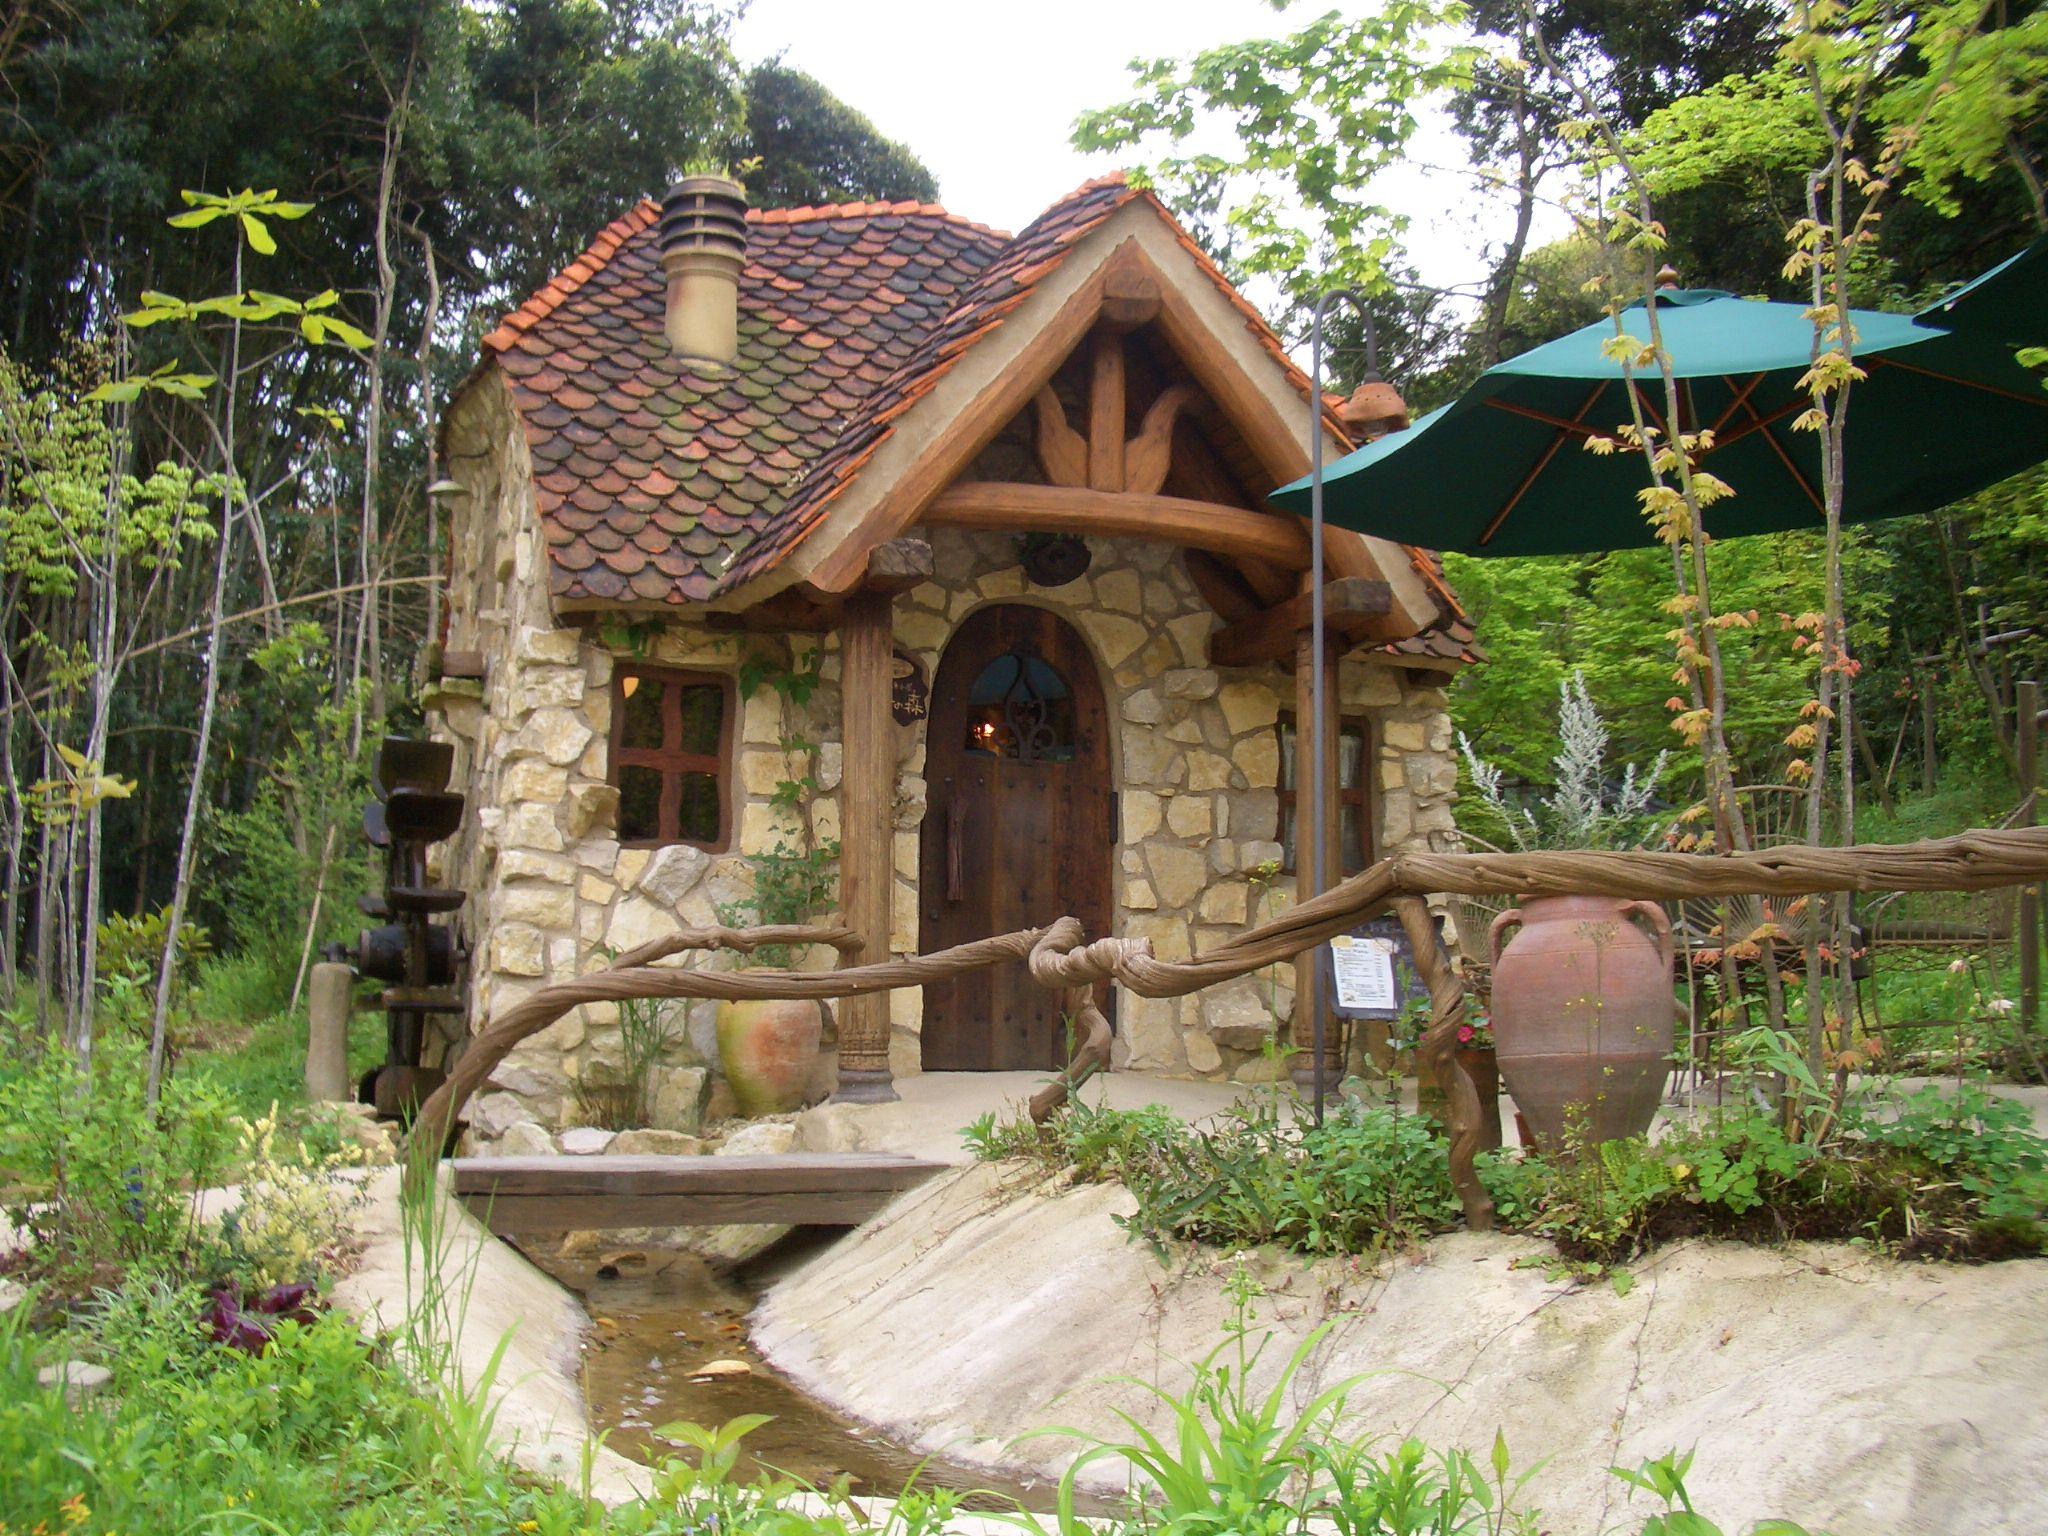 浜松のぬくもりの森がまるで童話の世界!可愛すぎるスポットを訪れよう